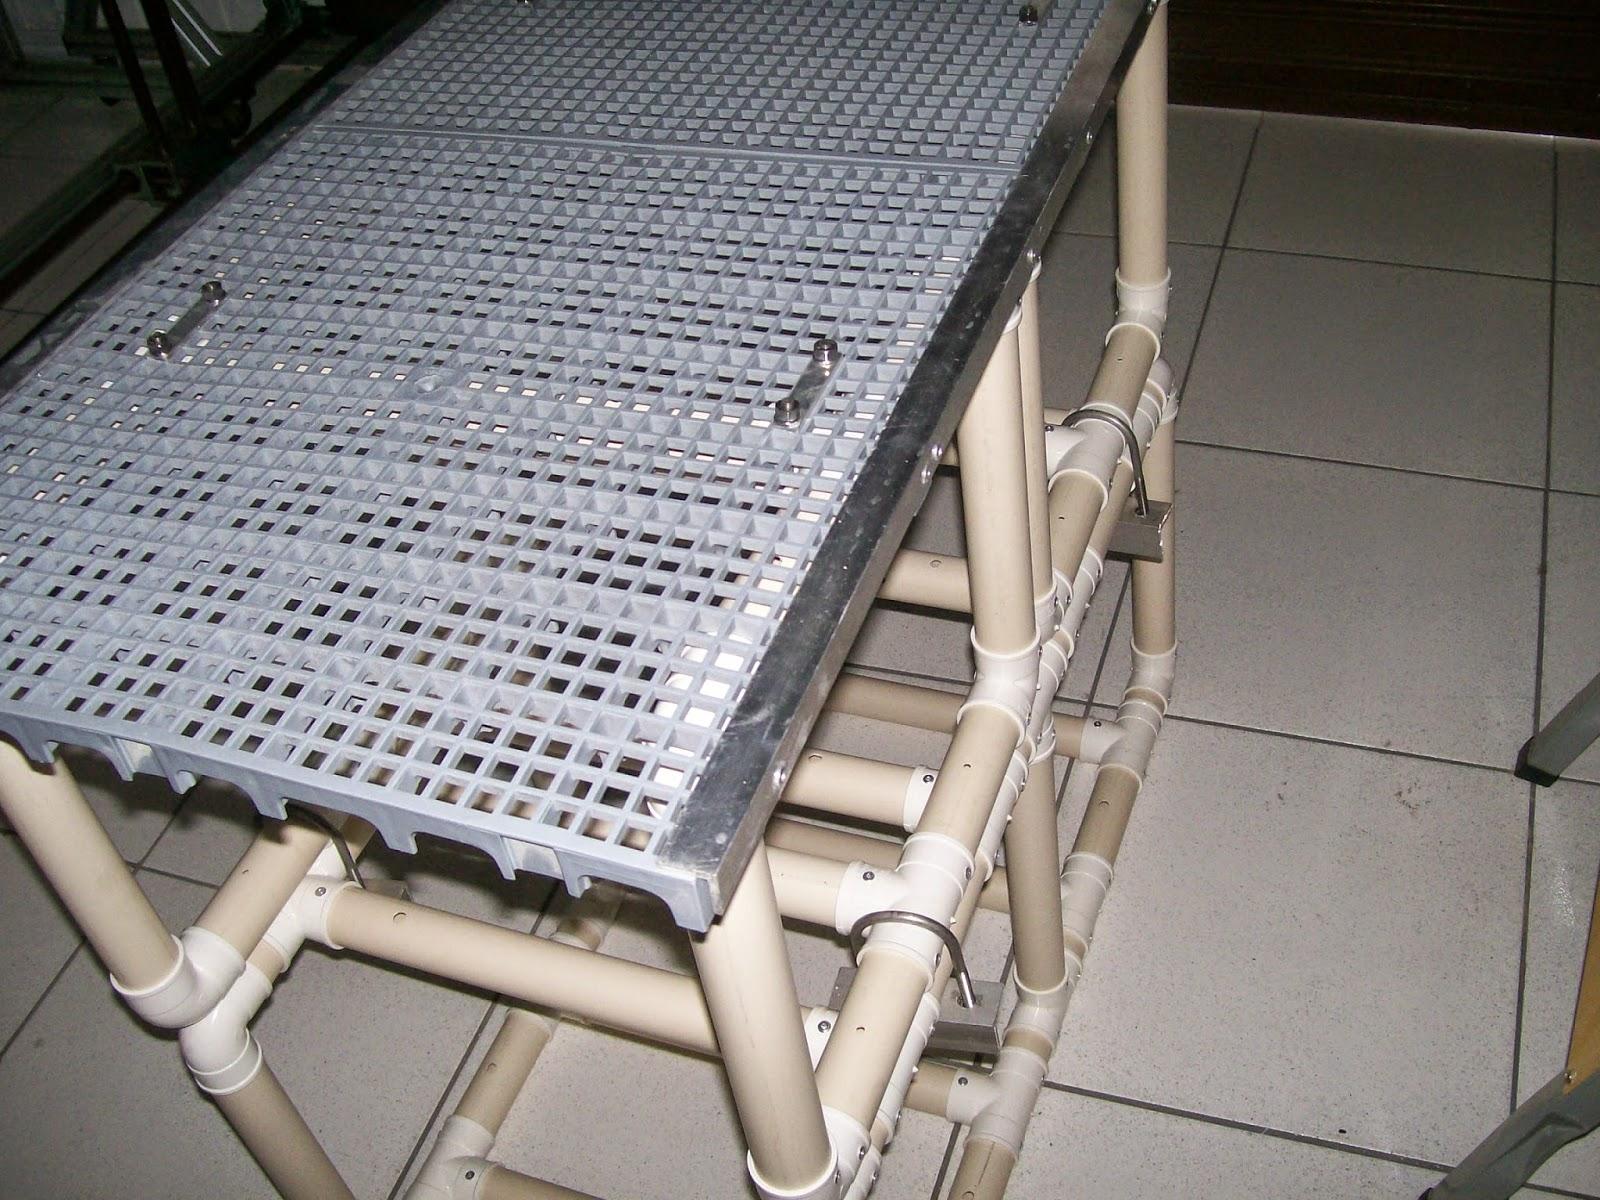 plataformas para caes em piscinas